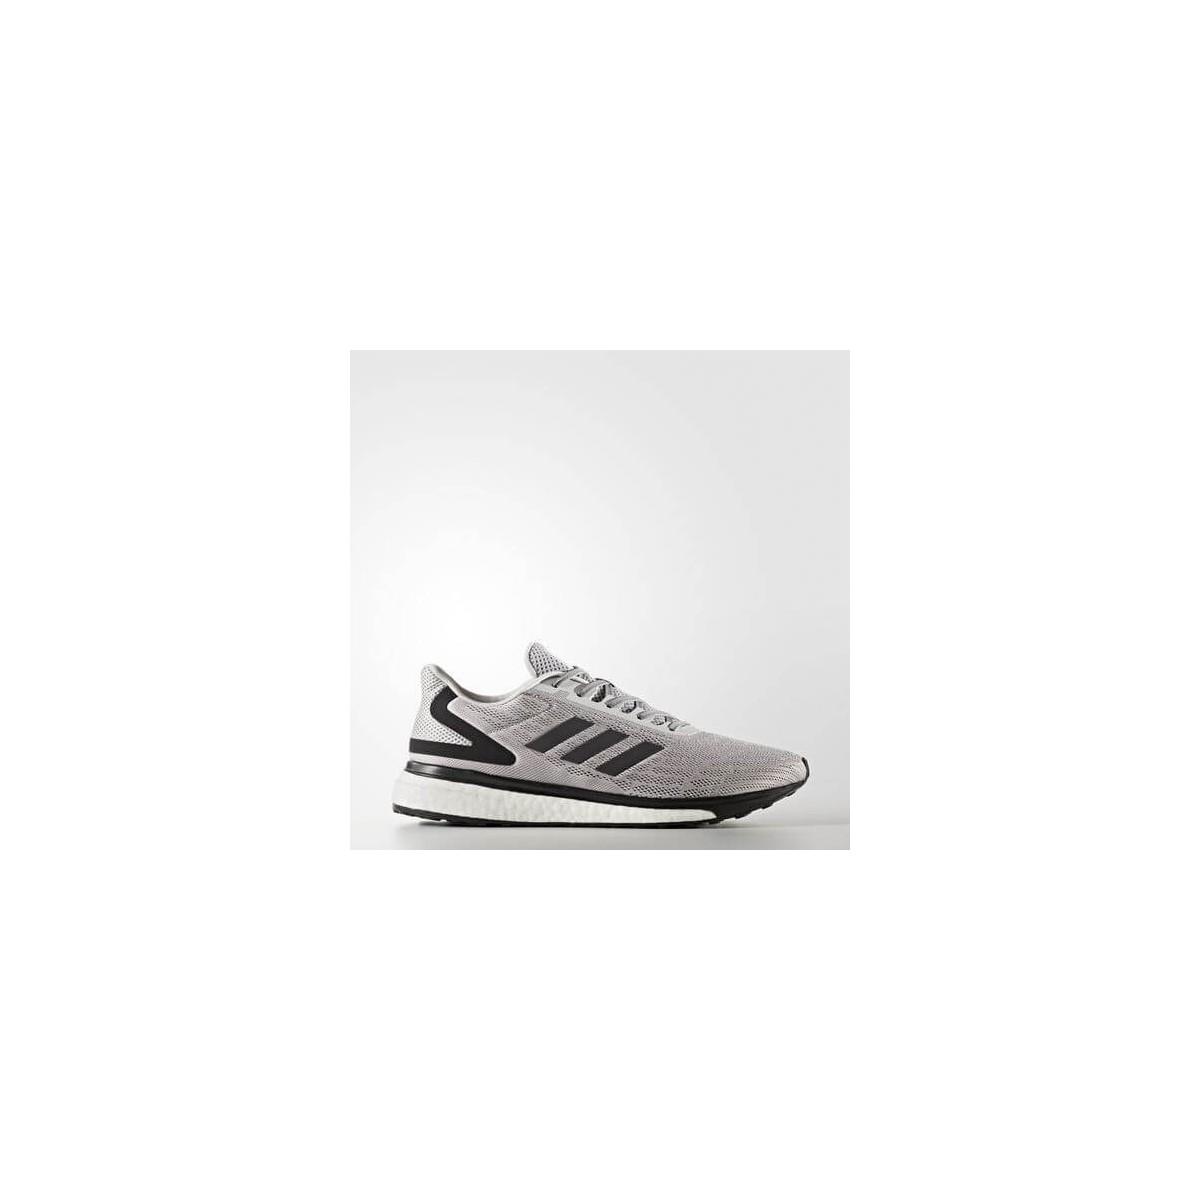 100% de alta calidad los Angeles marcas reconocidas Zapatilla Adidas Response Lite Hombre Gris y Negro OI17 ...